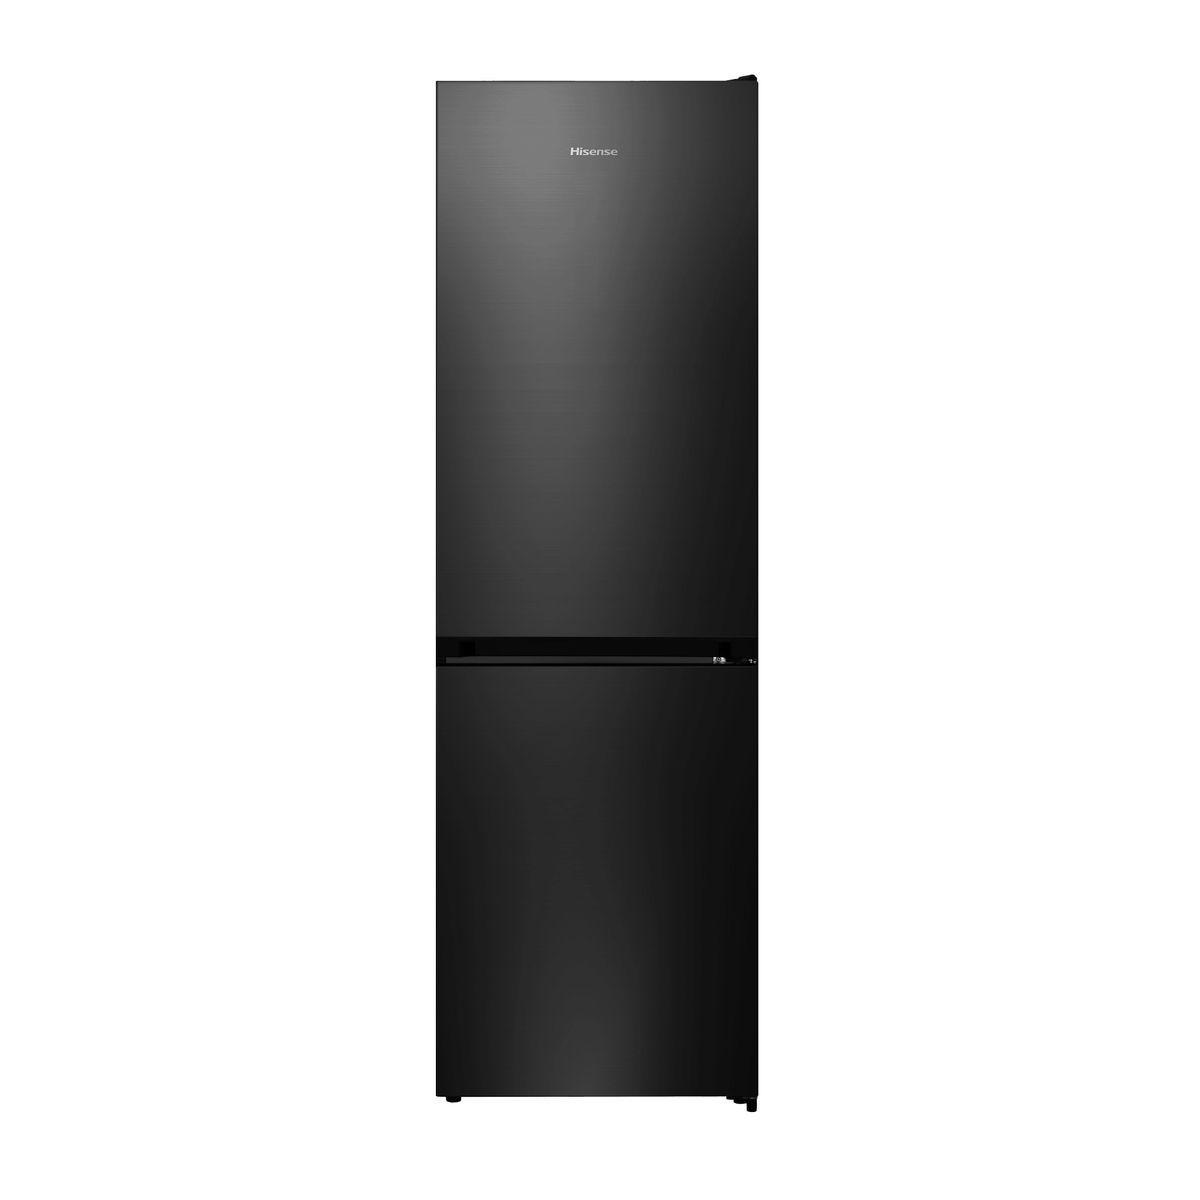 Réfrigérateur combiné FCN312E30F, 308 L, Froid No frost